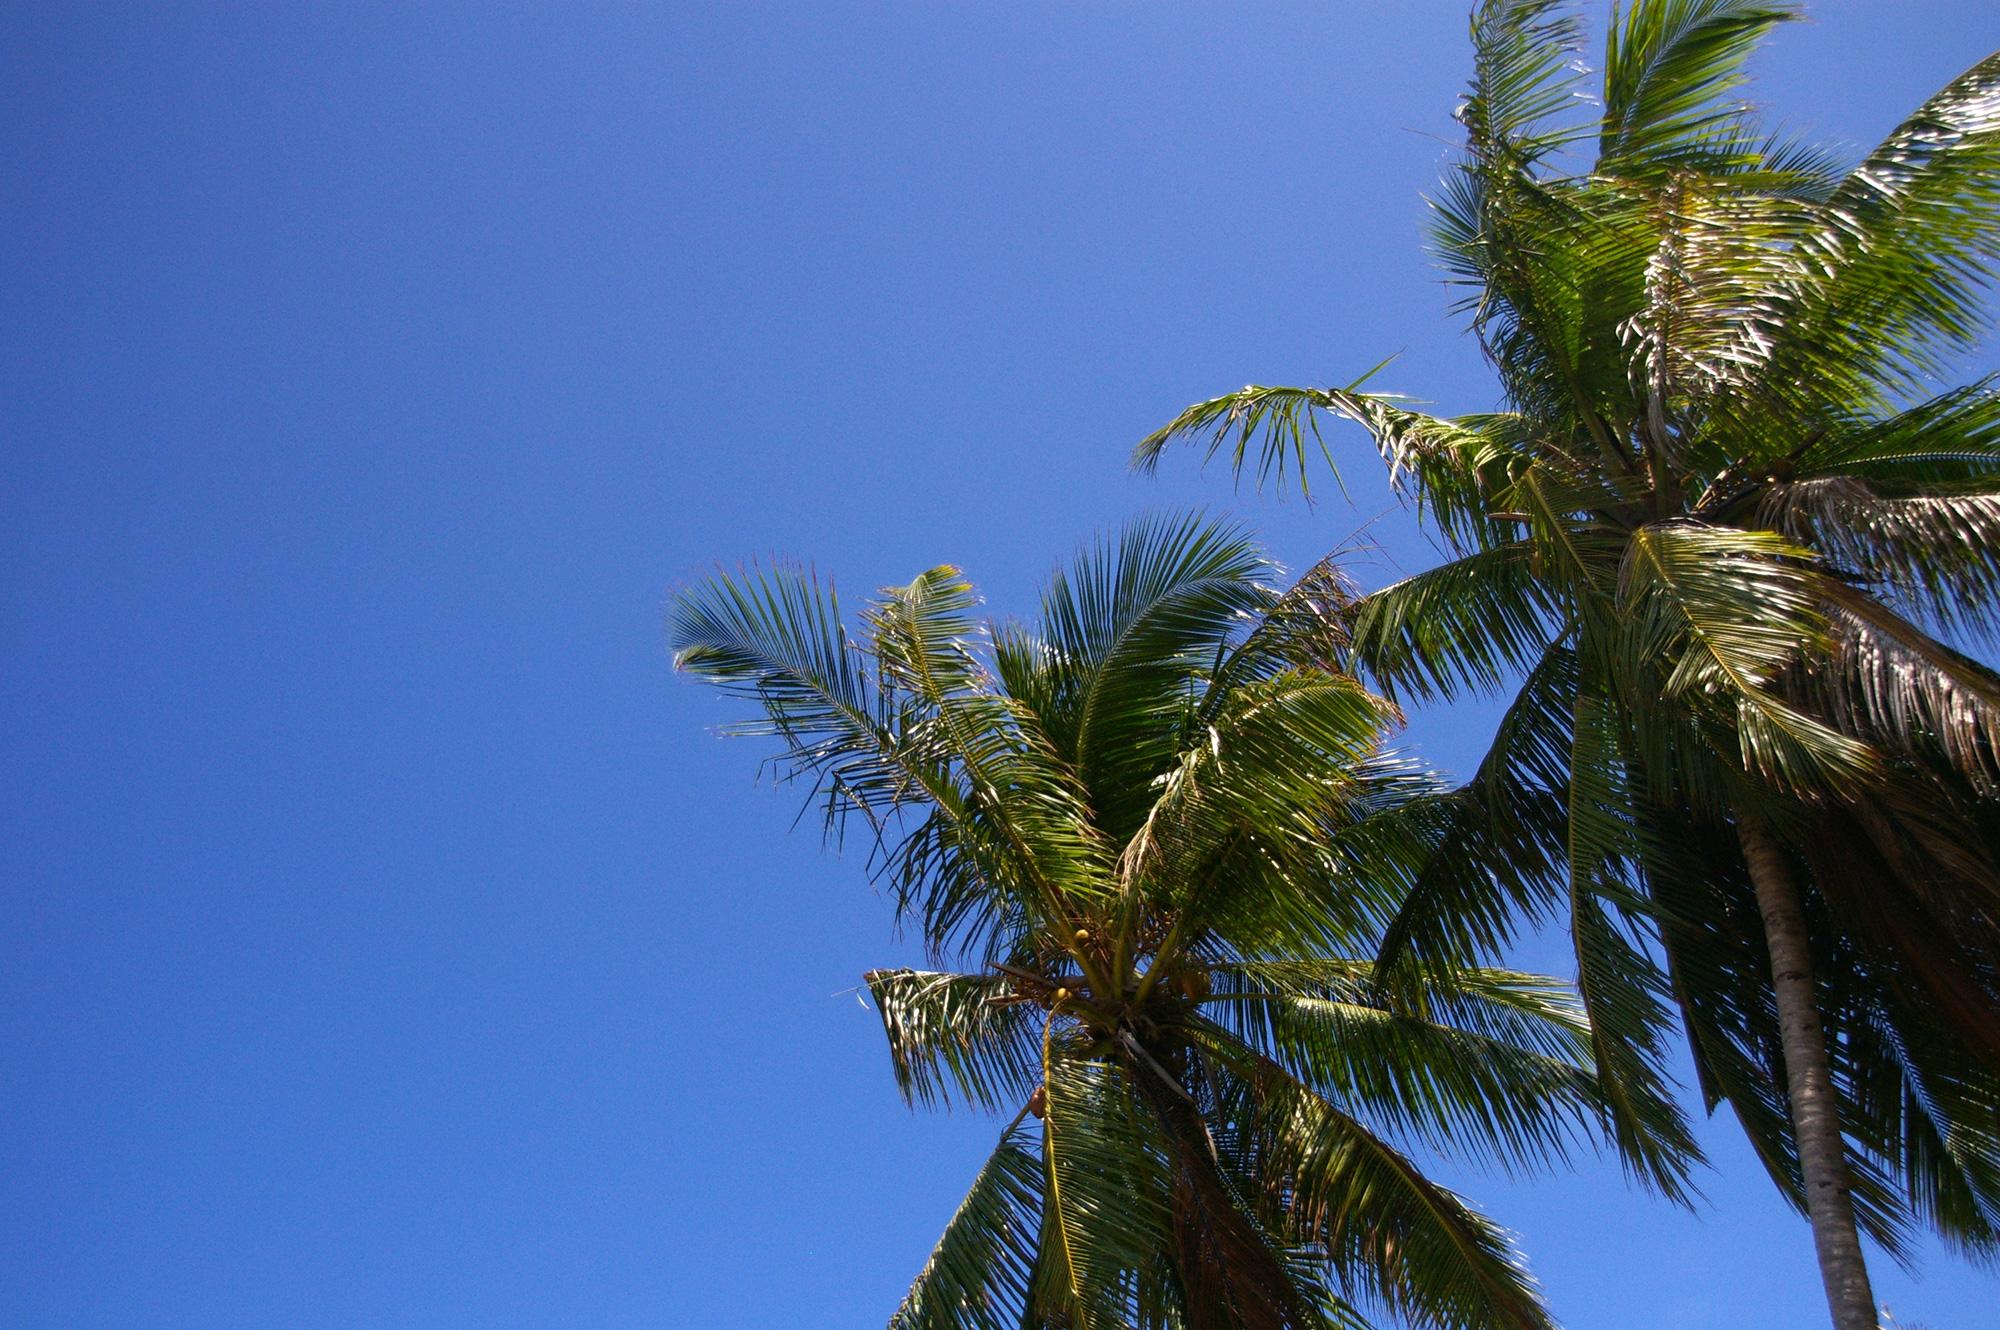 ヤシの木のフリー写真素材